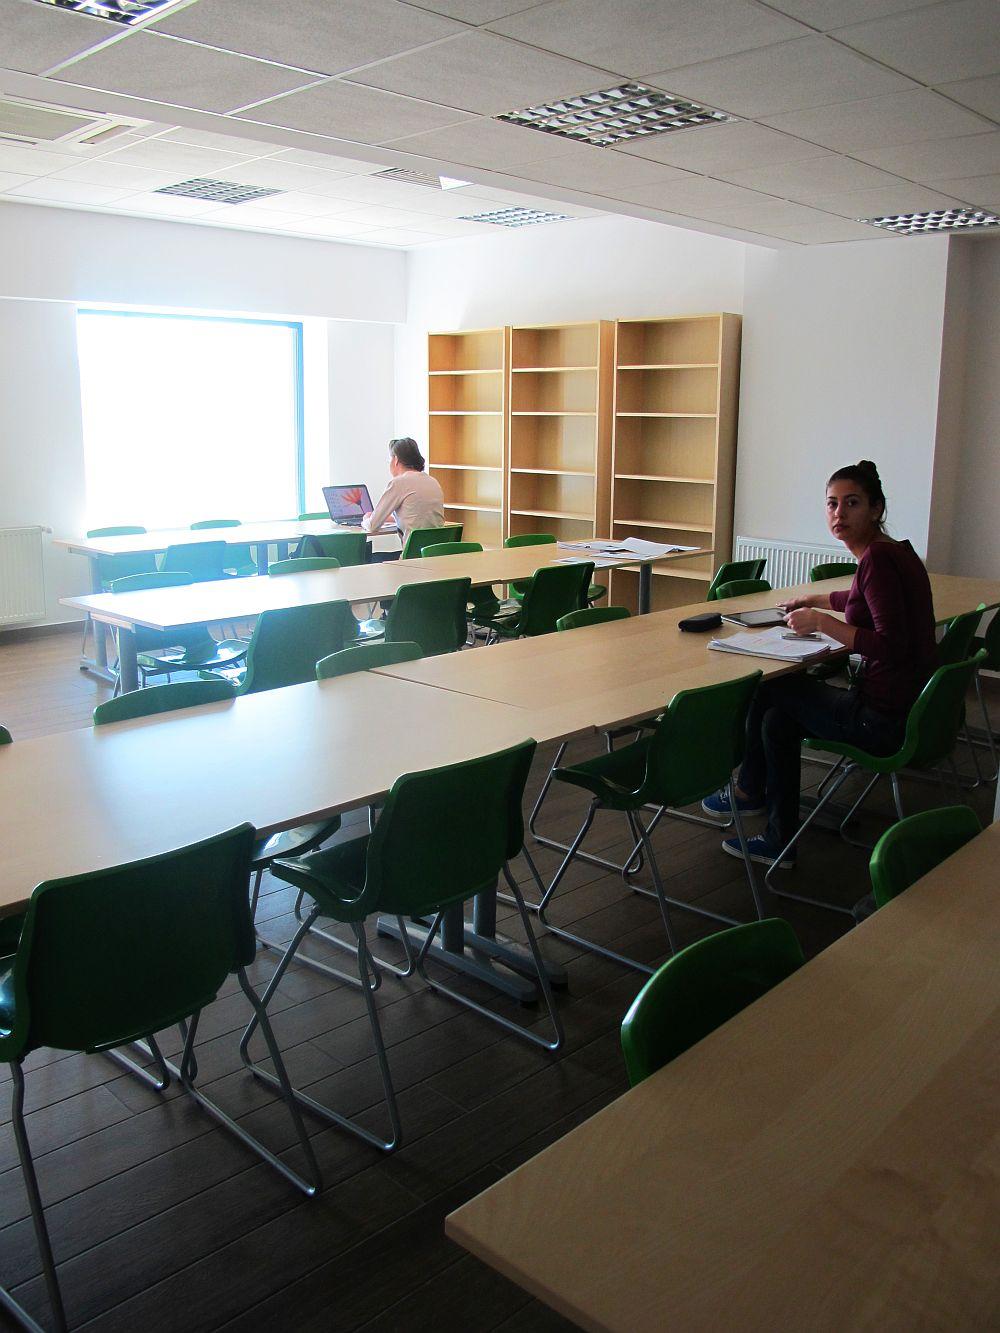 Una din salile de lectura din West Gate Studios